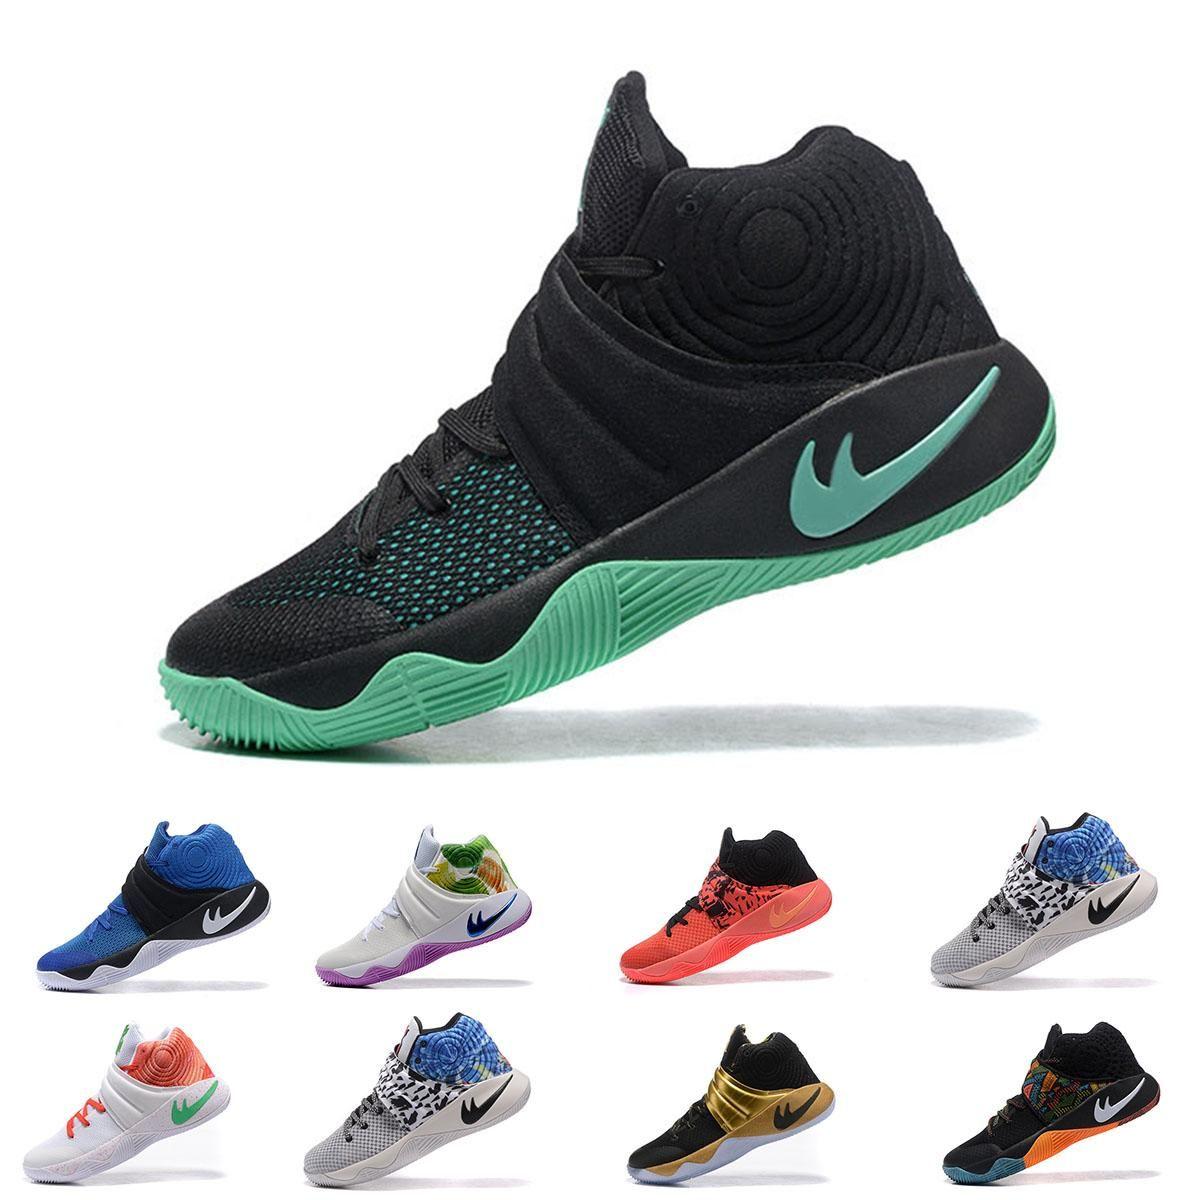 scarpe basket kyrie 2